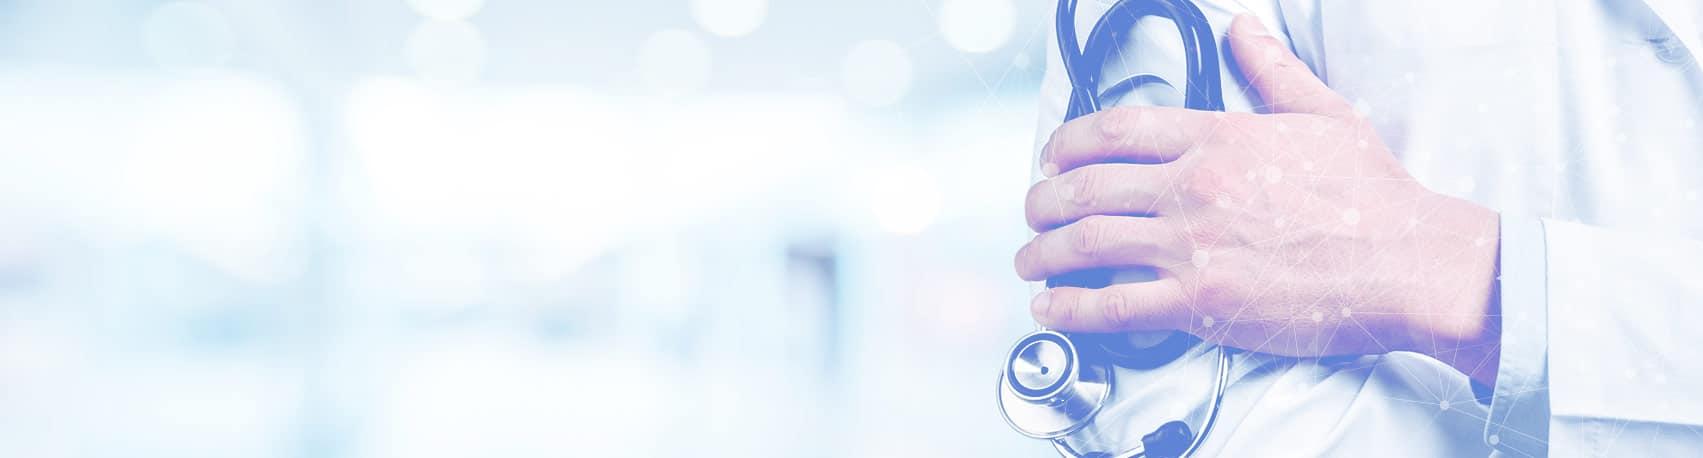 Sonoscanner remporte un appel d'offre international pour équiper les hôpitaux Suédois en échographes ultraportables